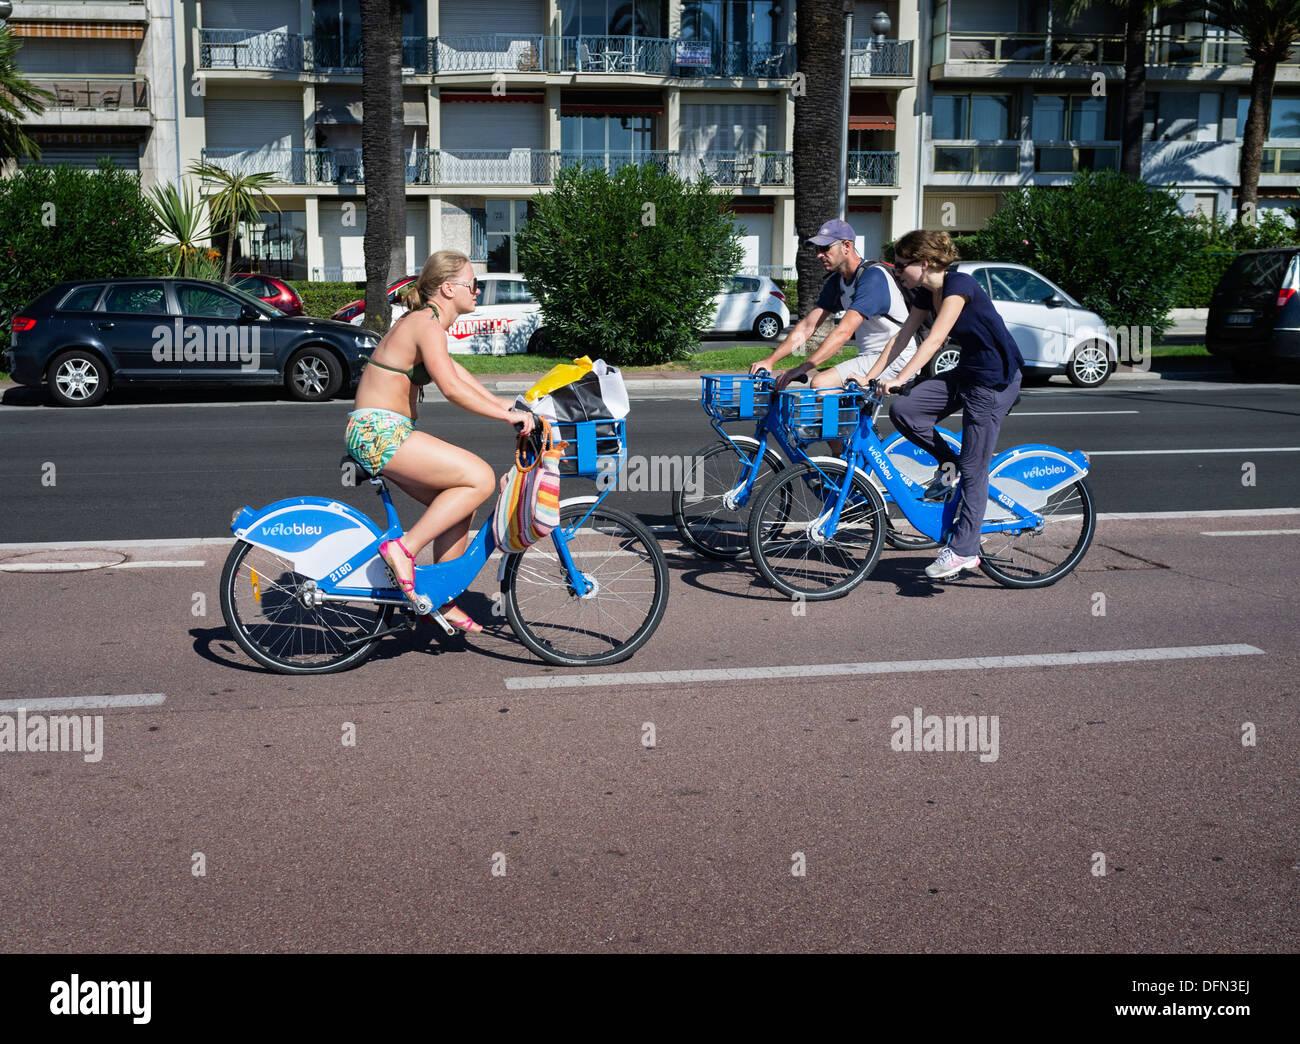 Possibilità di noleggio bici opportunità in Costa Azzurra includono il Velo Bleu sistema operante in città di Nizza. Immagini Stock